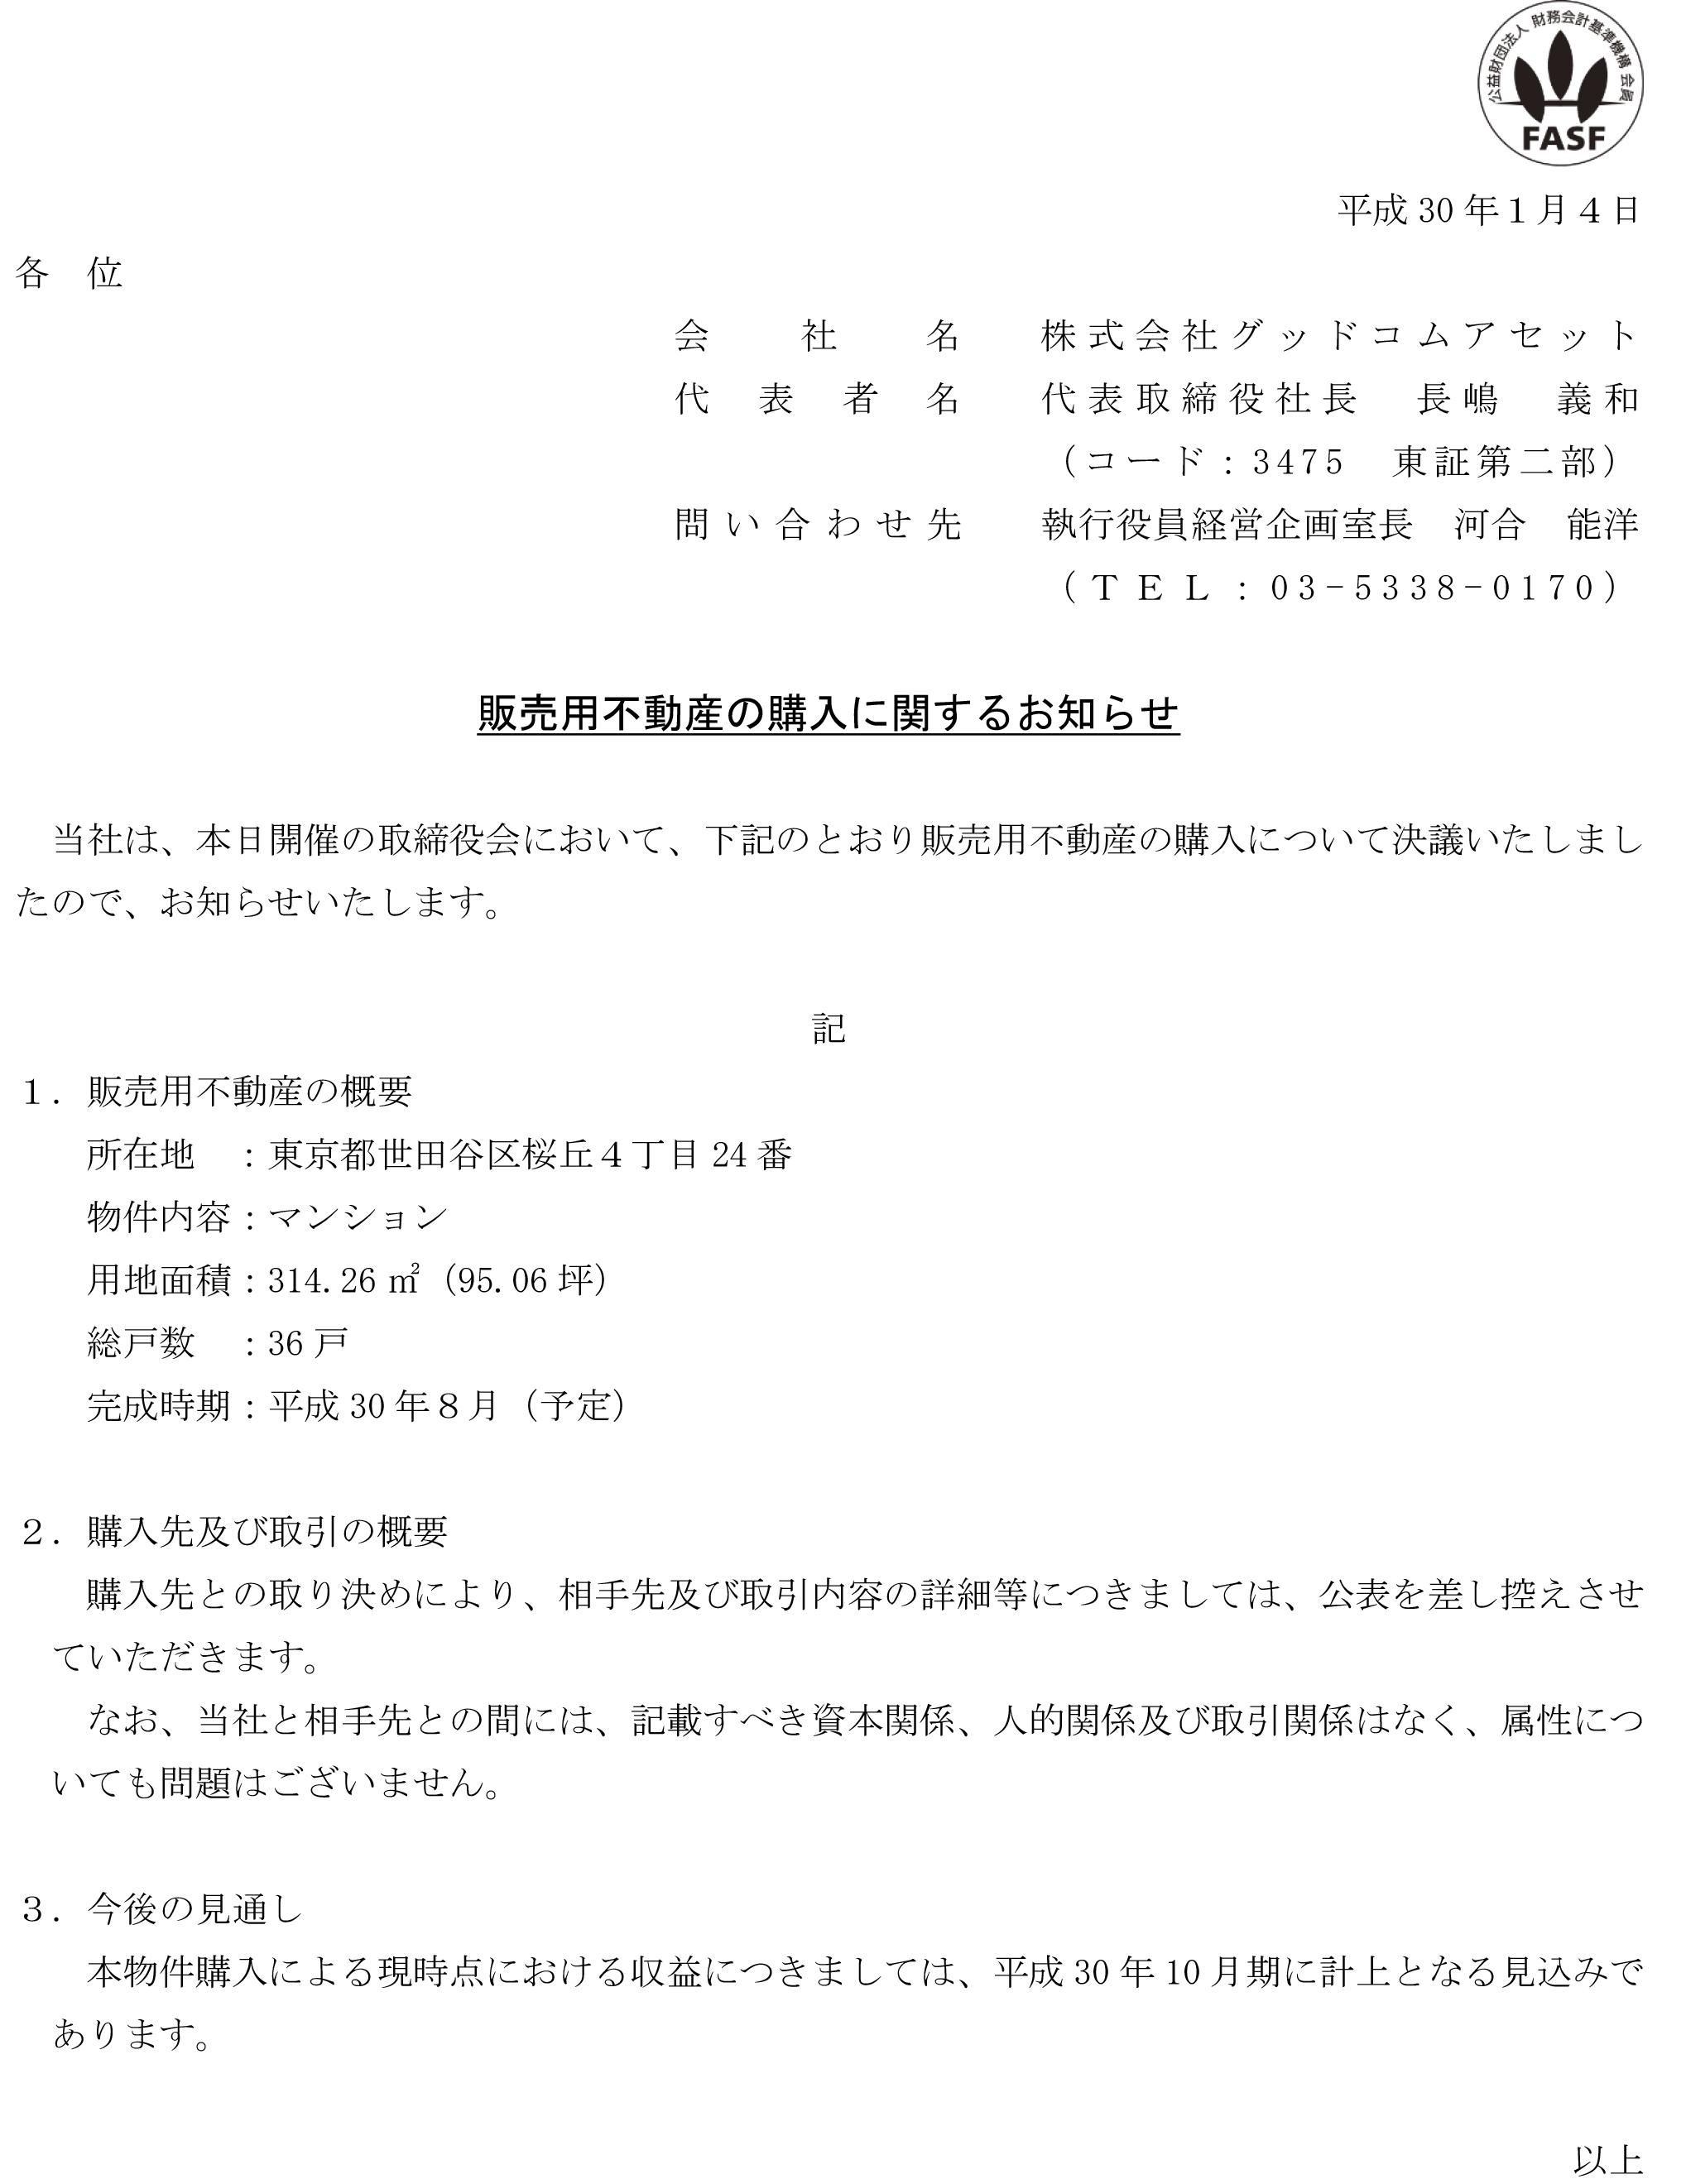 18-01-04販売用不動産の購入に関するお知らせ